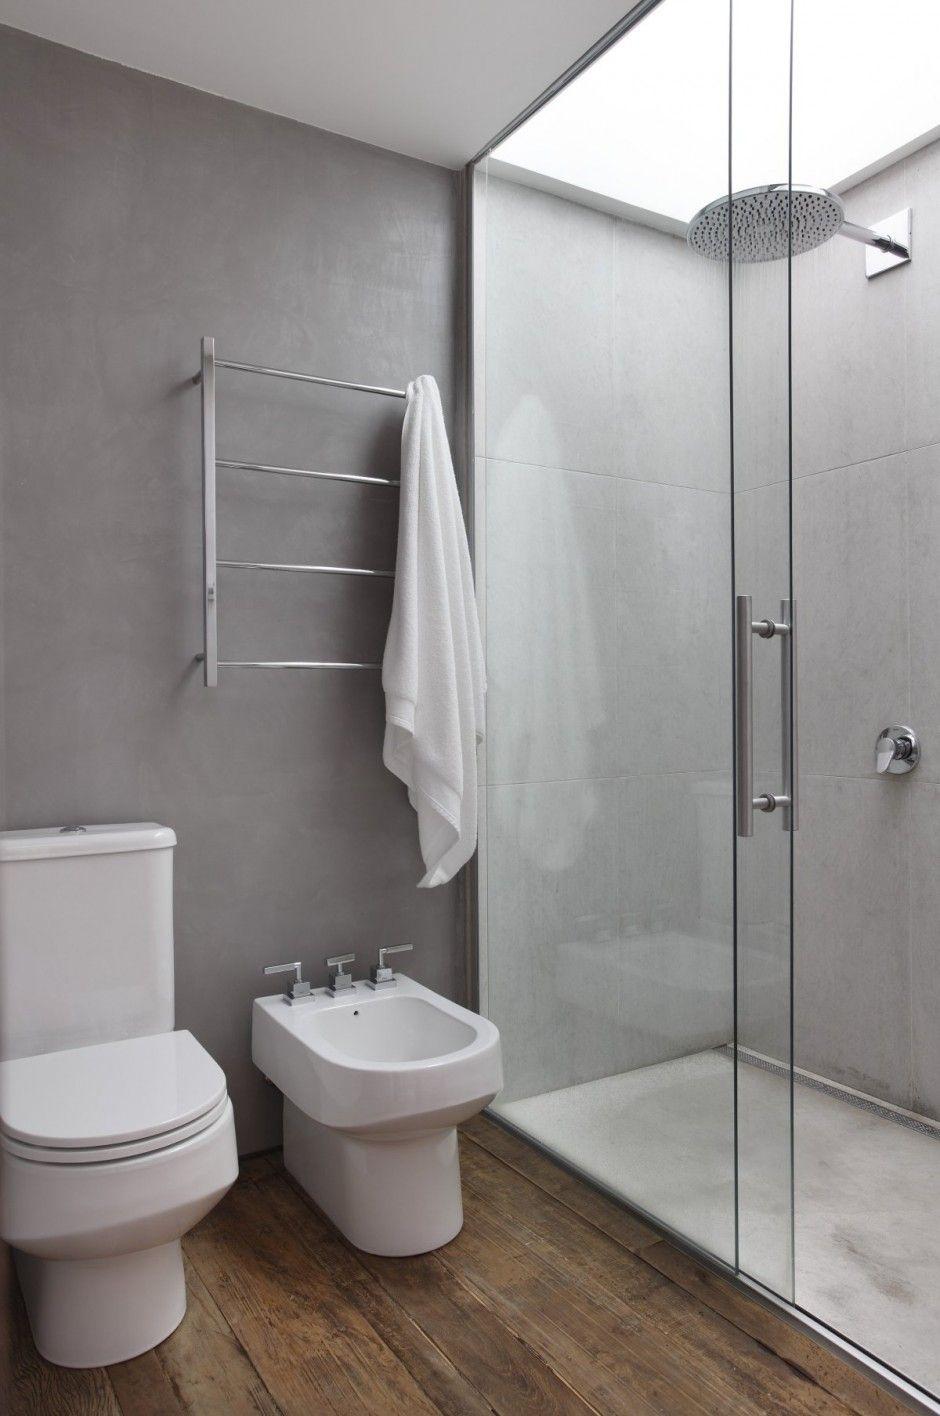 Rr 060611 16 Contemporist Wood Floor Bathroom Concrete Bathroom Trendy Bathroom